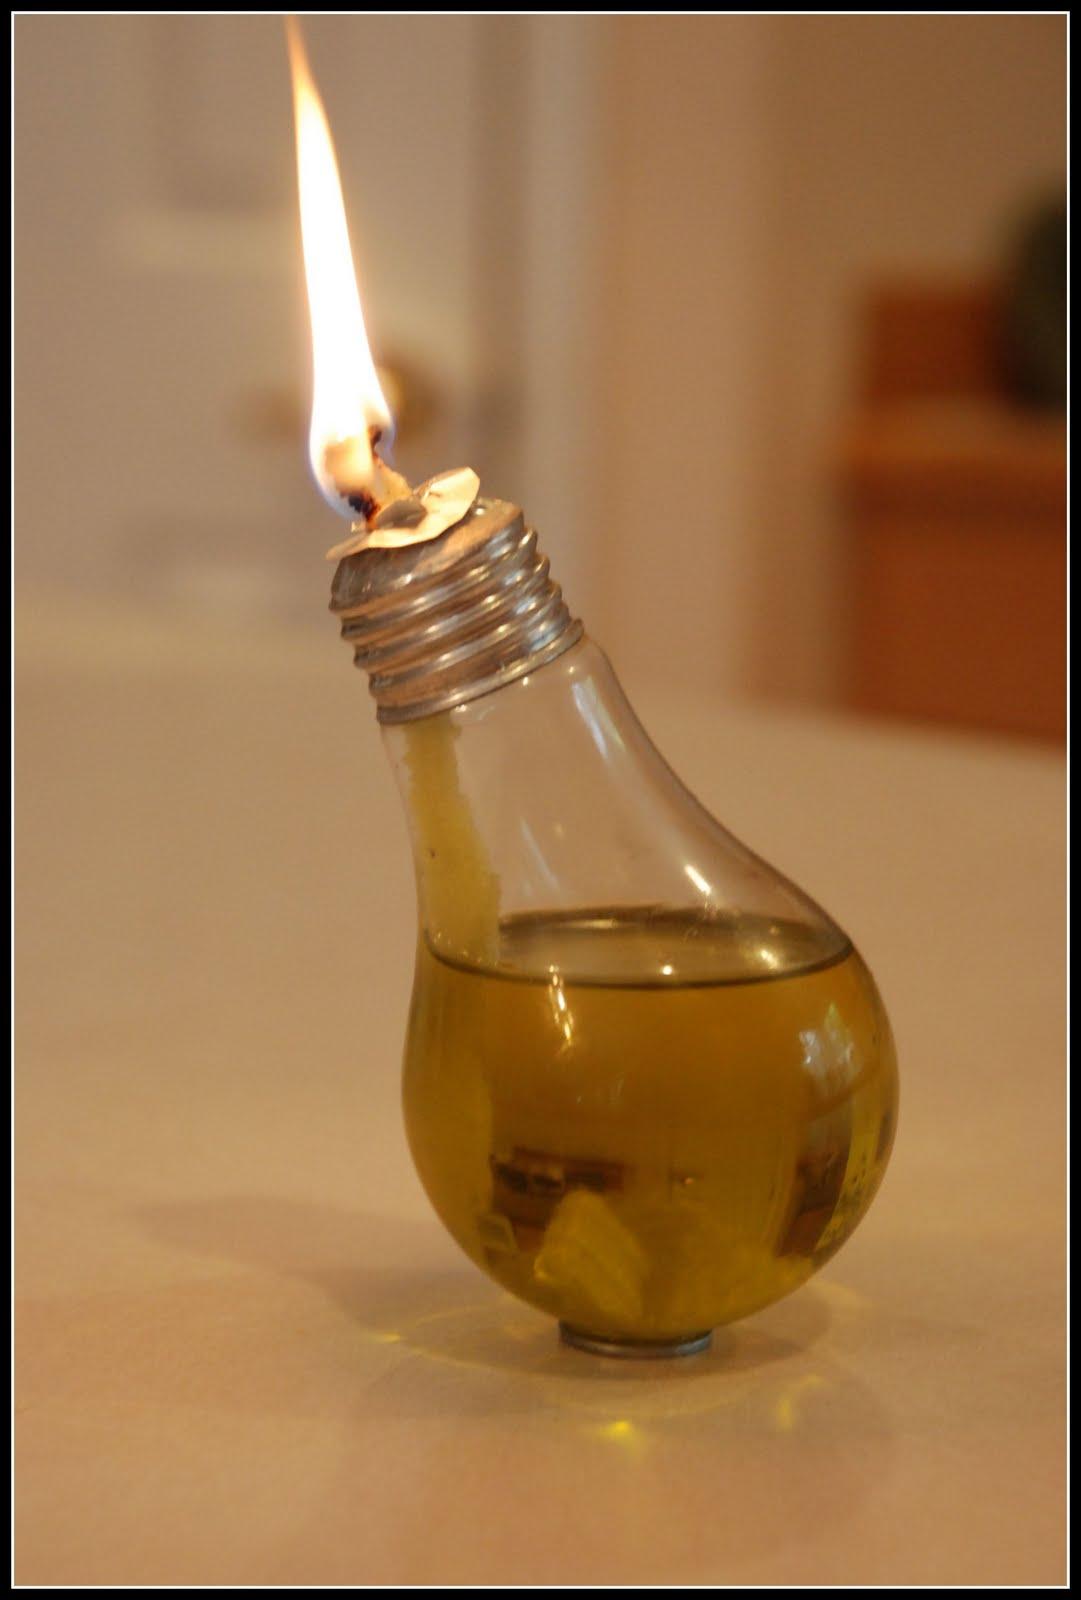 Homemade Serenity: Make It! Light Bulb Oil Lamp